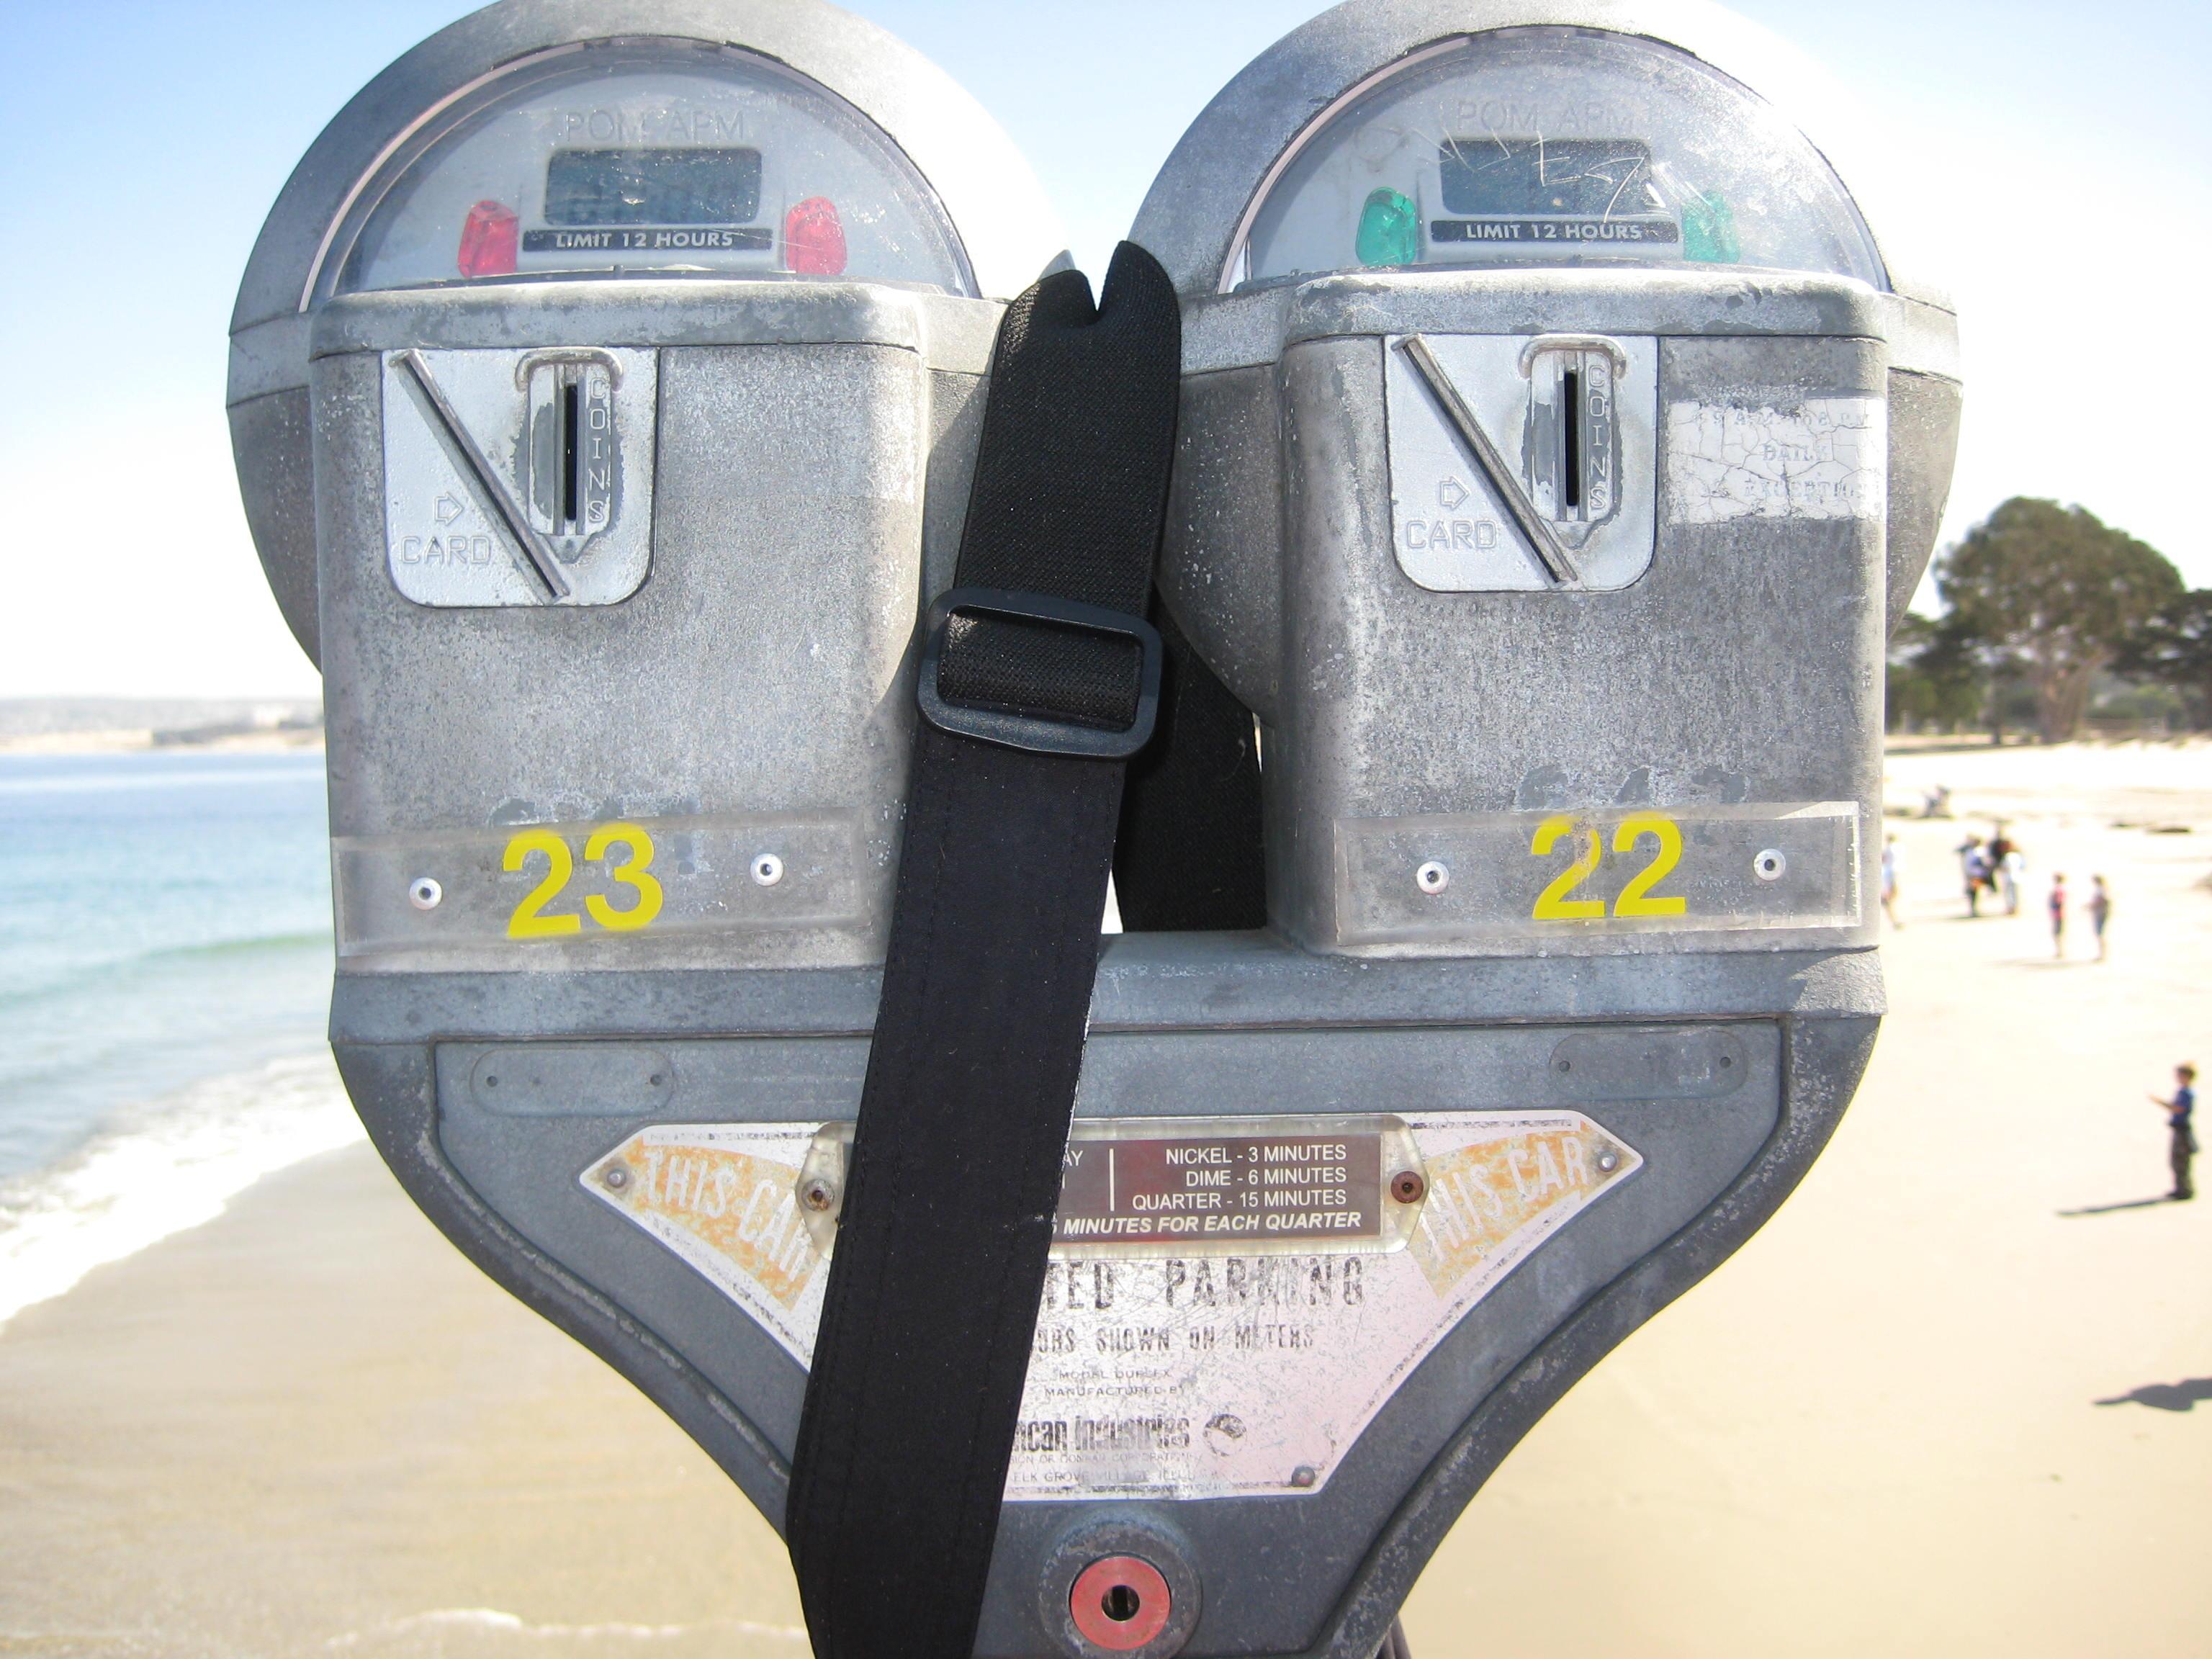 Parking Meter with a digital display